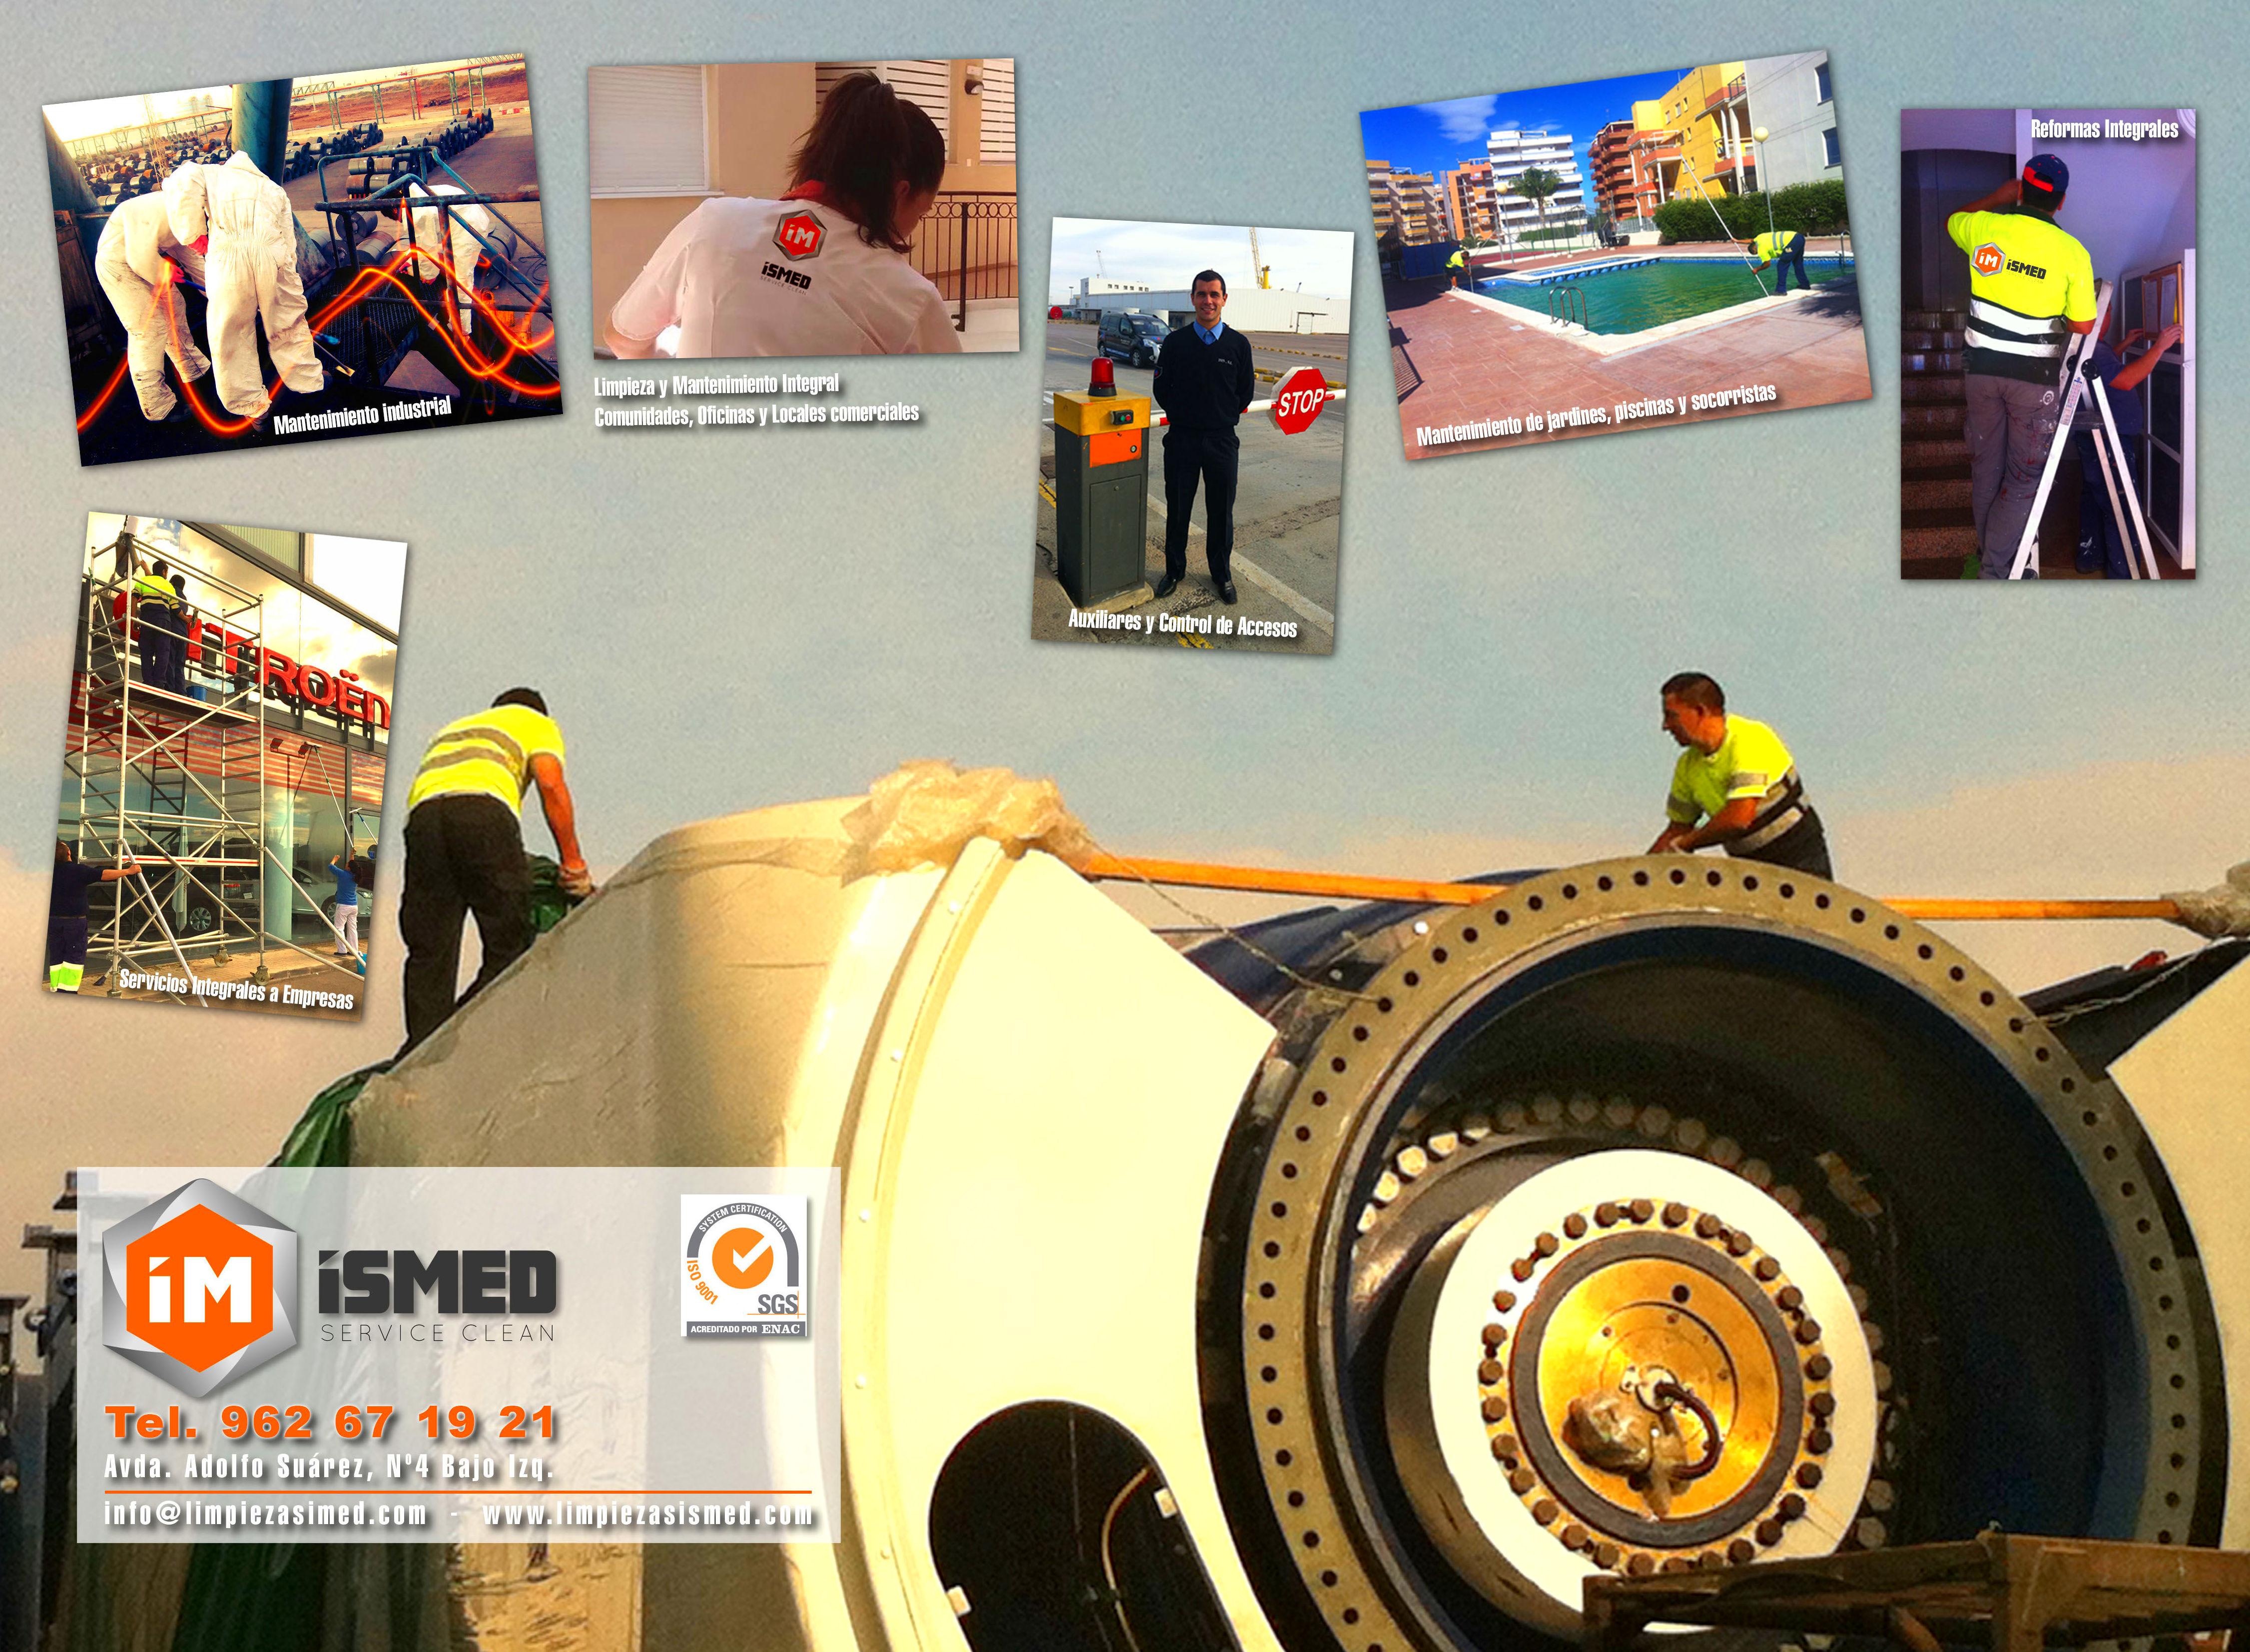 Foto 4 de Empresas de limpieza en Puerto Sagunto | Ismed Servicios Integrales